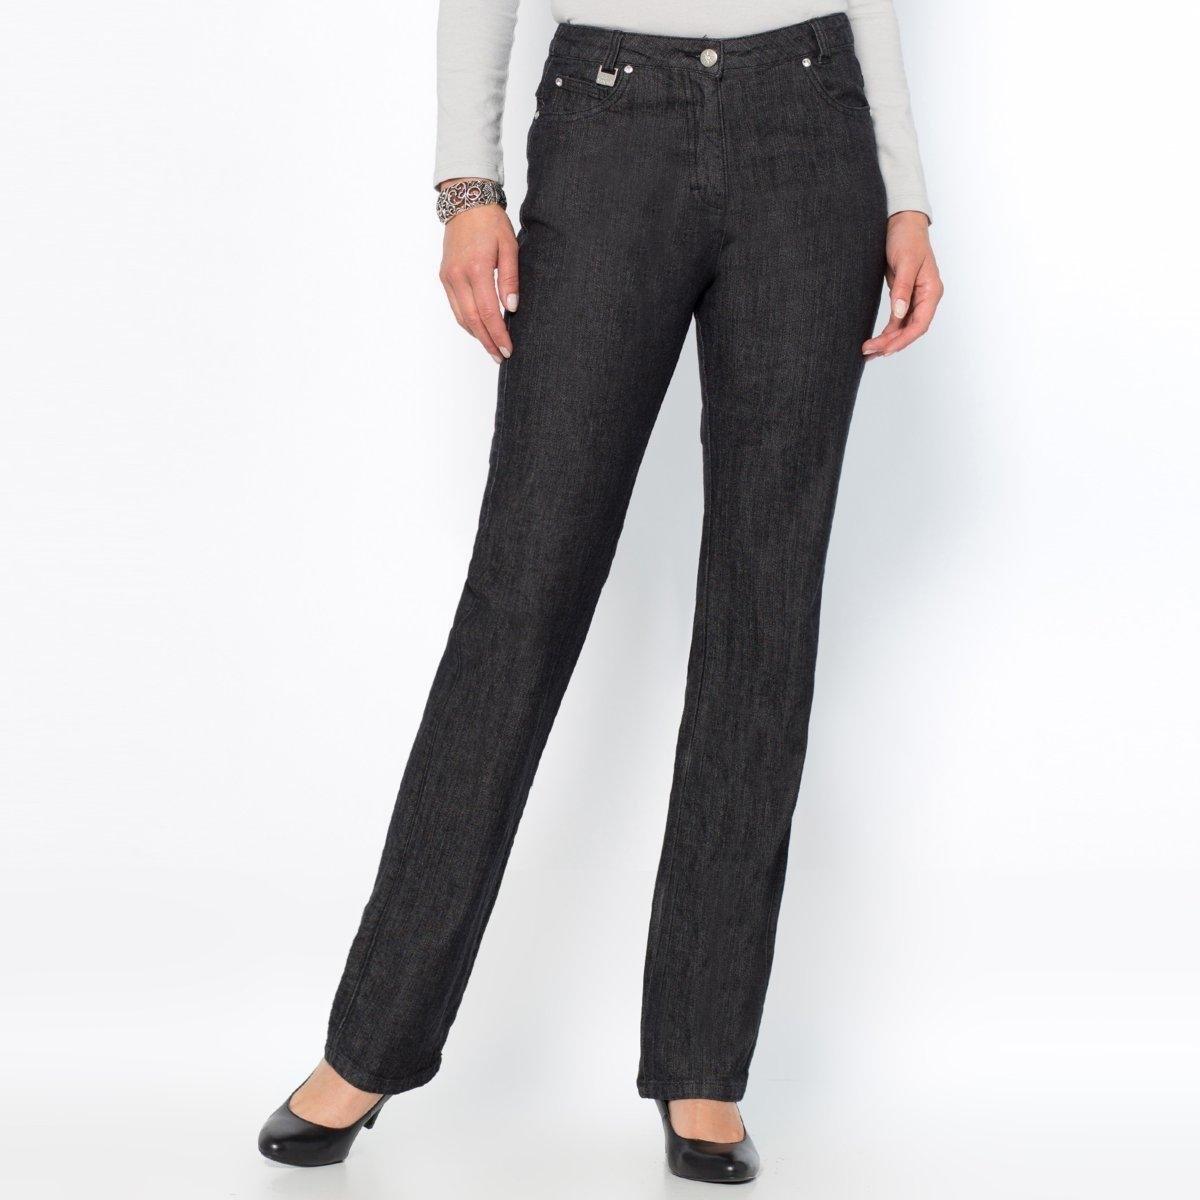 Джинсы из стретч денима, длина по внутр. шву 78 смКлассические джинсы: настоящие пятикарманные, сзади украшены стразами. Талия слегка занижена. Пуговица из металла, украшена стразами, застежка на молнию спереди. Сзади: карманы со строчкой из страз, на одном инициалы AW на поясе нашивка имитация кожи. Длина по внутр. шву 78 см, при росте менее 1,65 м.Состав и описание:Материал: Деним стретч: 99% хлопка, 1% эластана LYCRA®.Длина по внутр.шву: 78 см, ширина по низу: 20 см.Марка: Anne Weyburn.Уход:Машинная стирка при 30 °C на умеренном режиме, с изнанки.Гладить при средней температуре, с изнанки.<br><br>Цвет: синий потертый,темно-синий,черный<br>Размер: 40 (FR) - 46 (RUS).50 (FR) - 56 (RUS).44 (FR) - 50 (RUS).40 (FR) - 46 (RUS).42 (FR) - 48 (RUS).44 (FR) - 50 (RUS).40 (FR) - 46 (RUS)